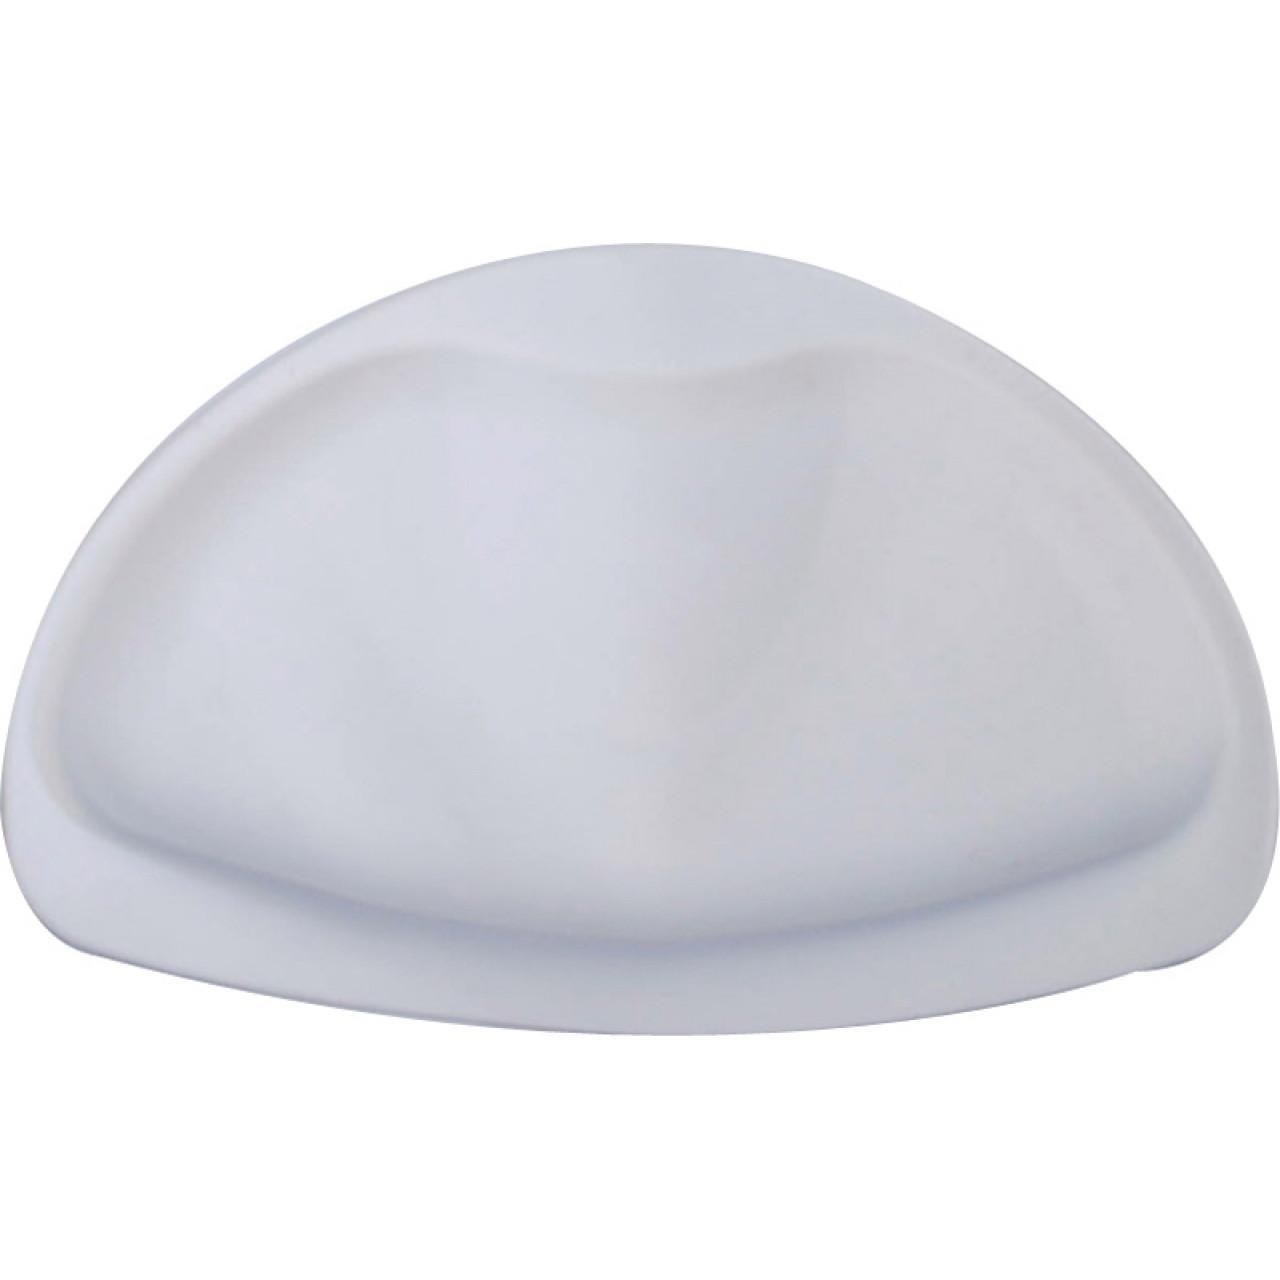 Подголовник для ванны Ridder Tecno+ А6800601 белый 20*30 купить в Москве по цене от 1079р. в интернет-магазине mebel-v-vannu.ru